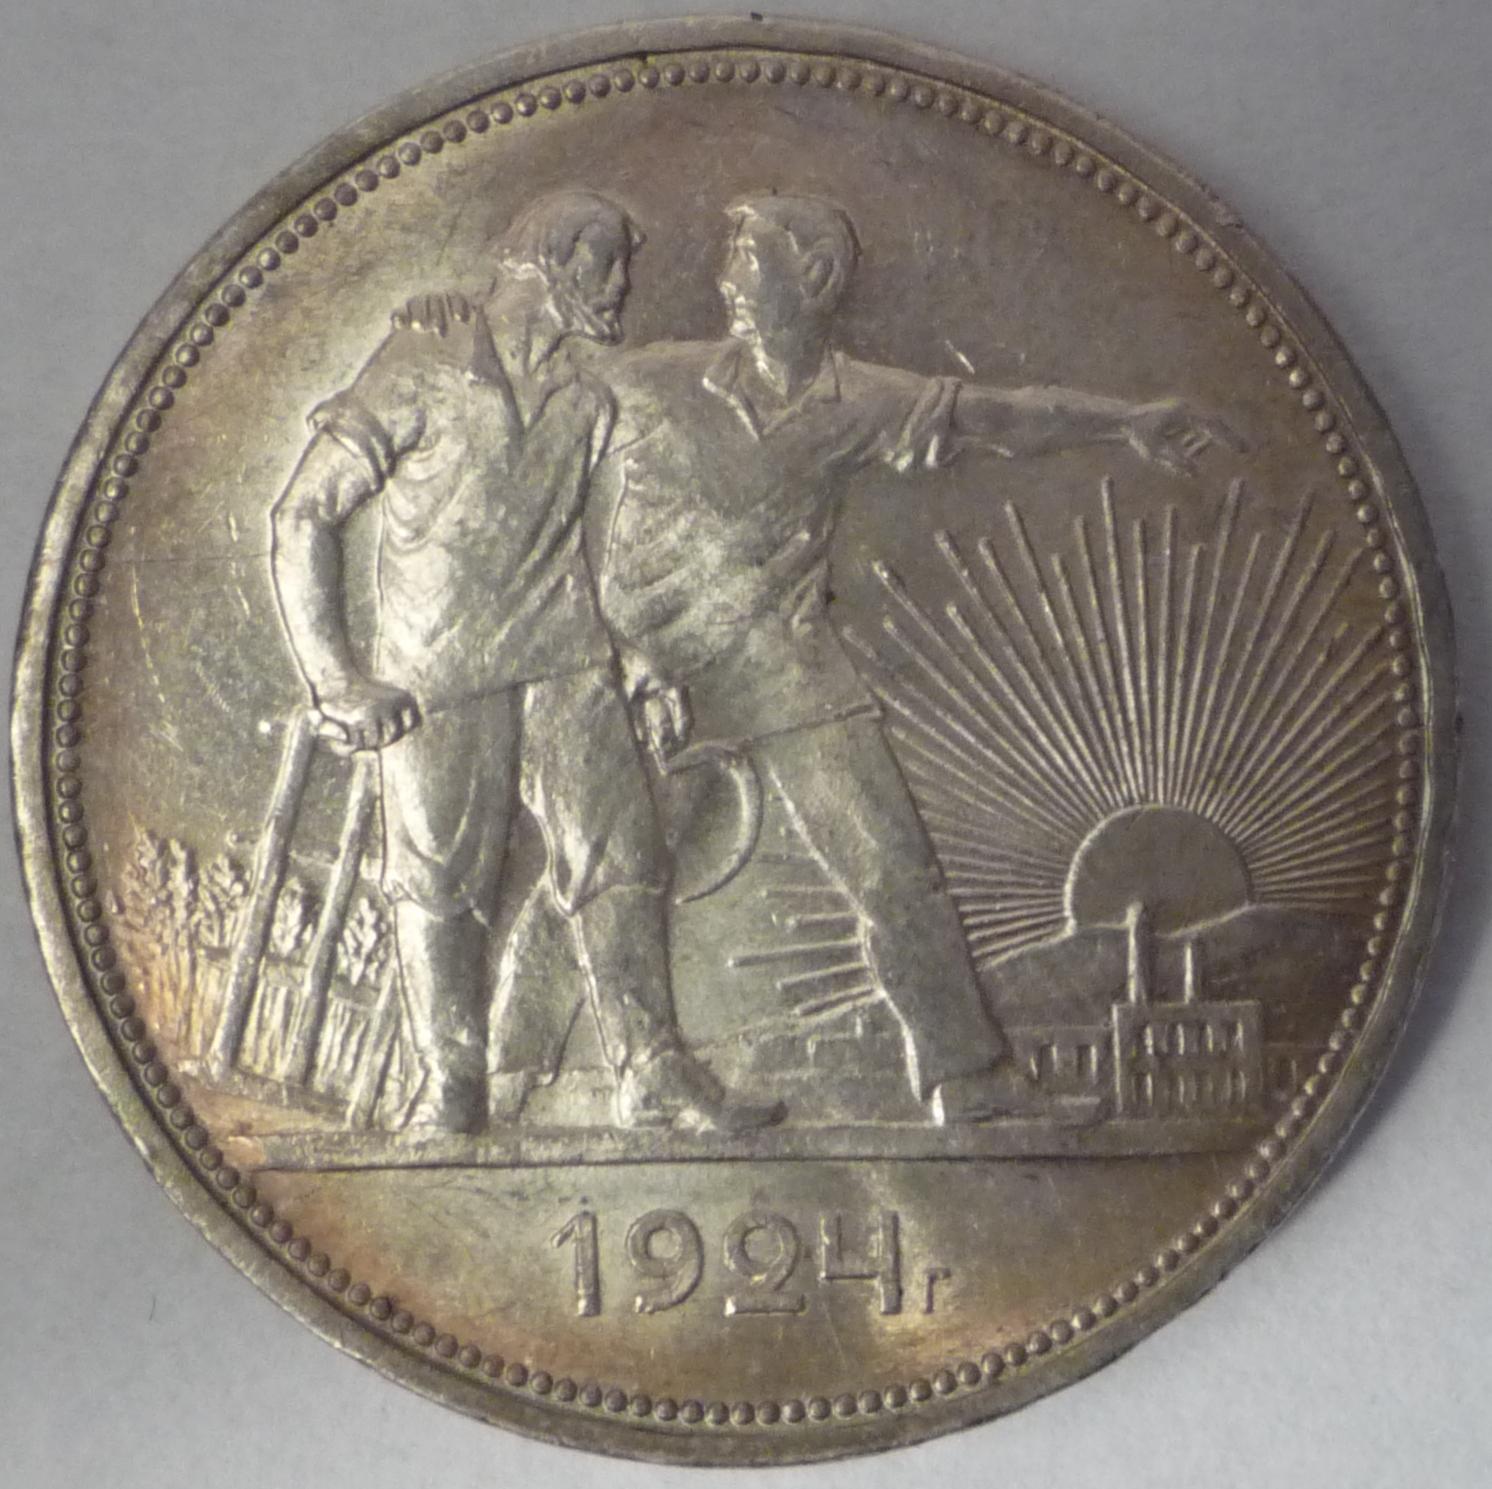 1 Rubel 1924 Av.JPG